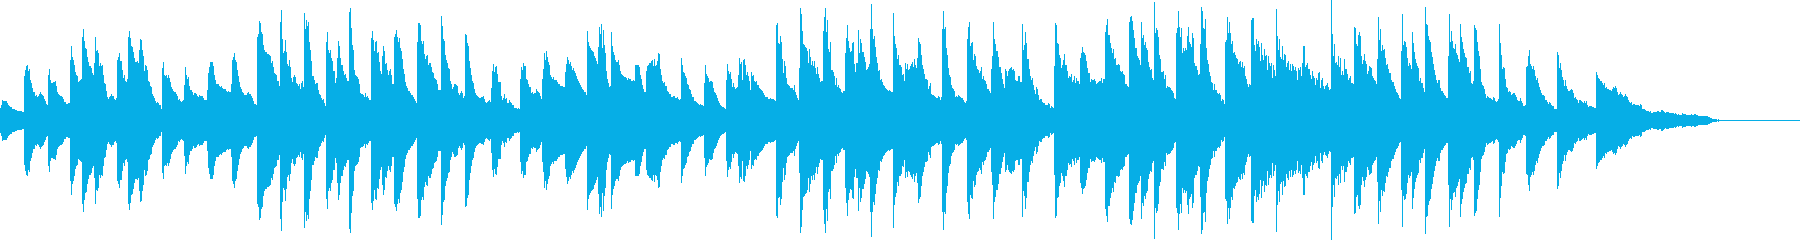 展覧会の絵:プロムナード(原曲)の再生済みの波形